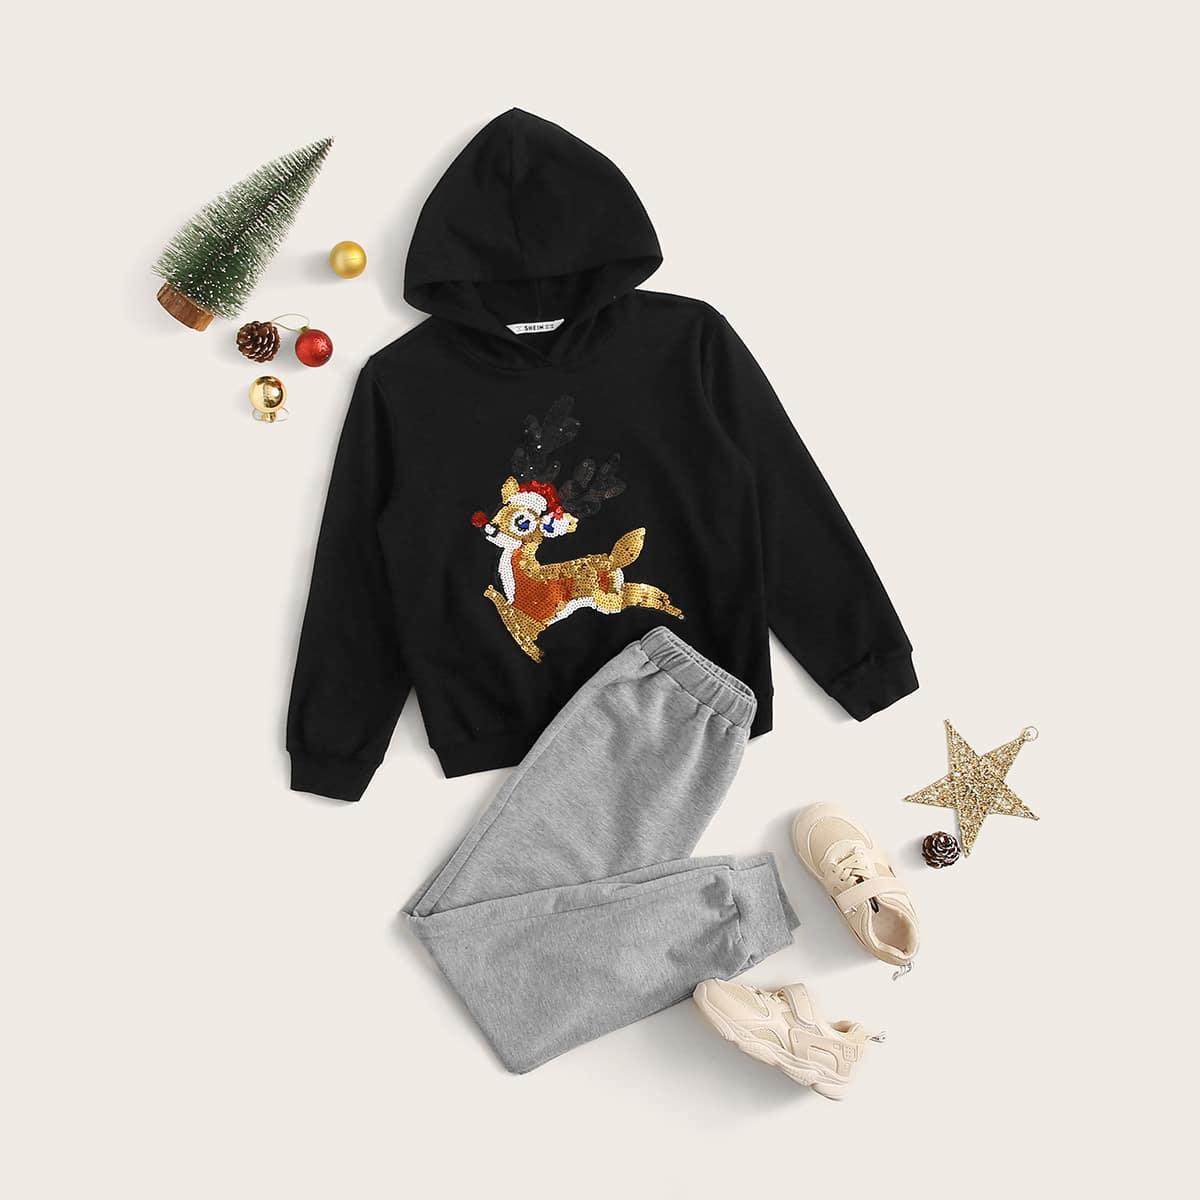 Спортивые брюки и толстовка с мультяшным принтом рождество для мальчиков от SHEIN